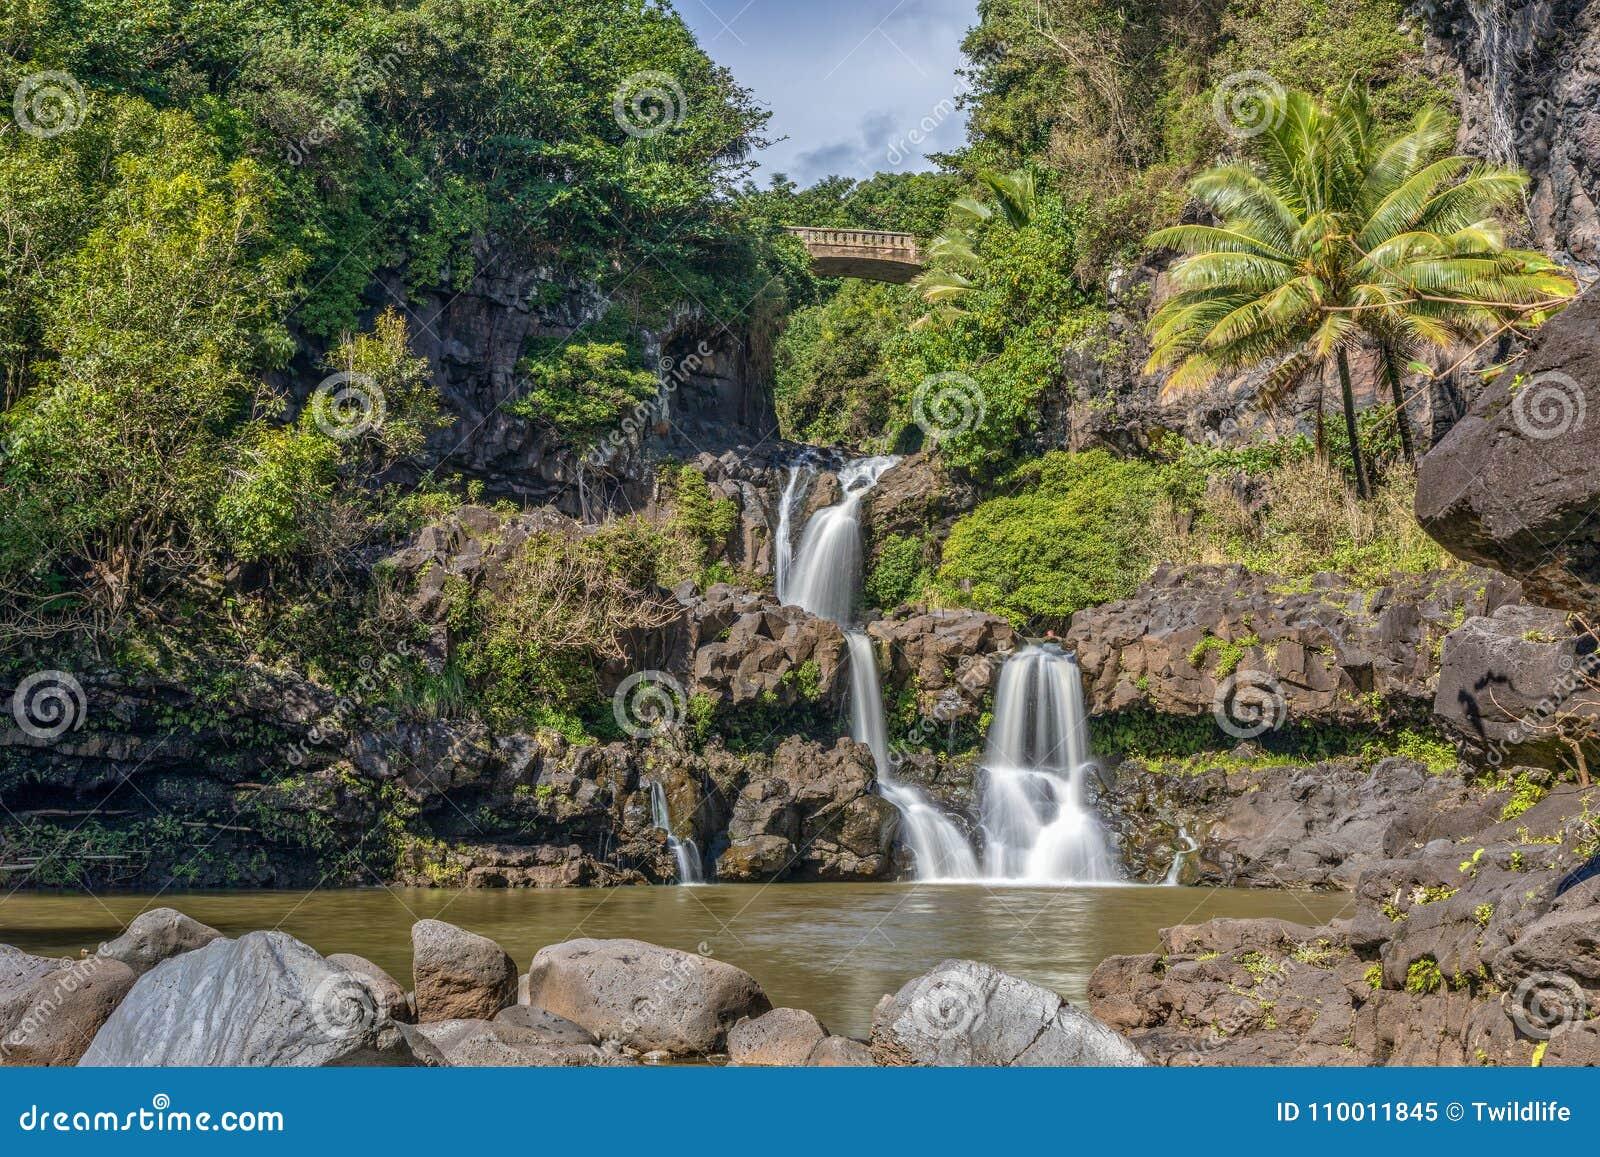 7 священных бассейнов Гана Мауи Гаваи